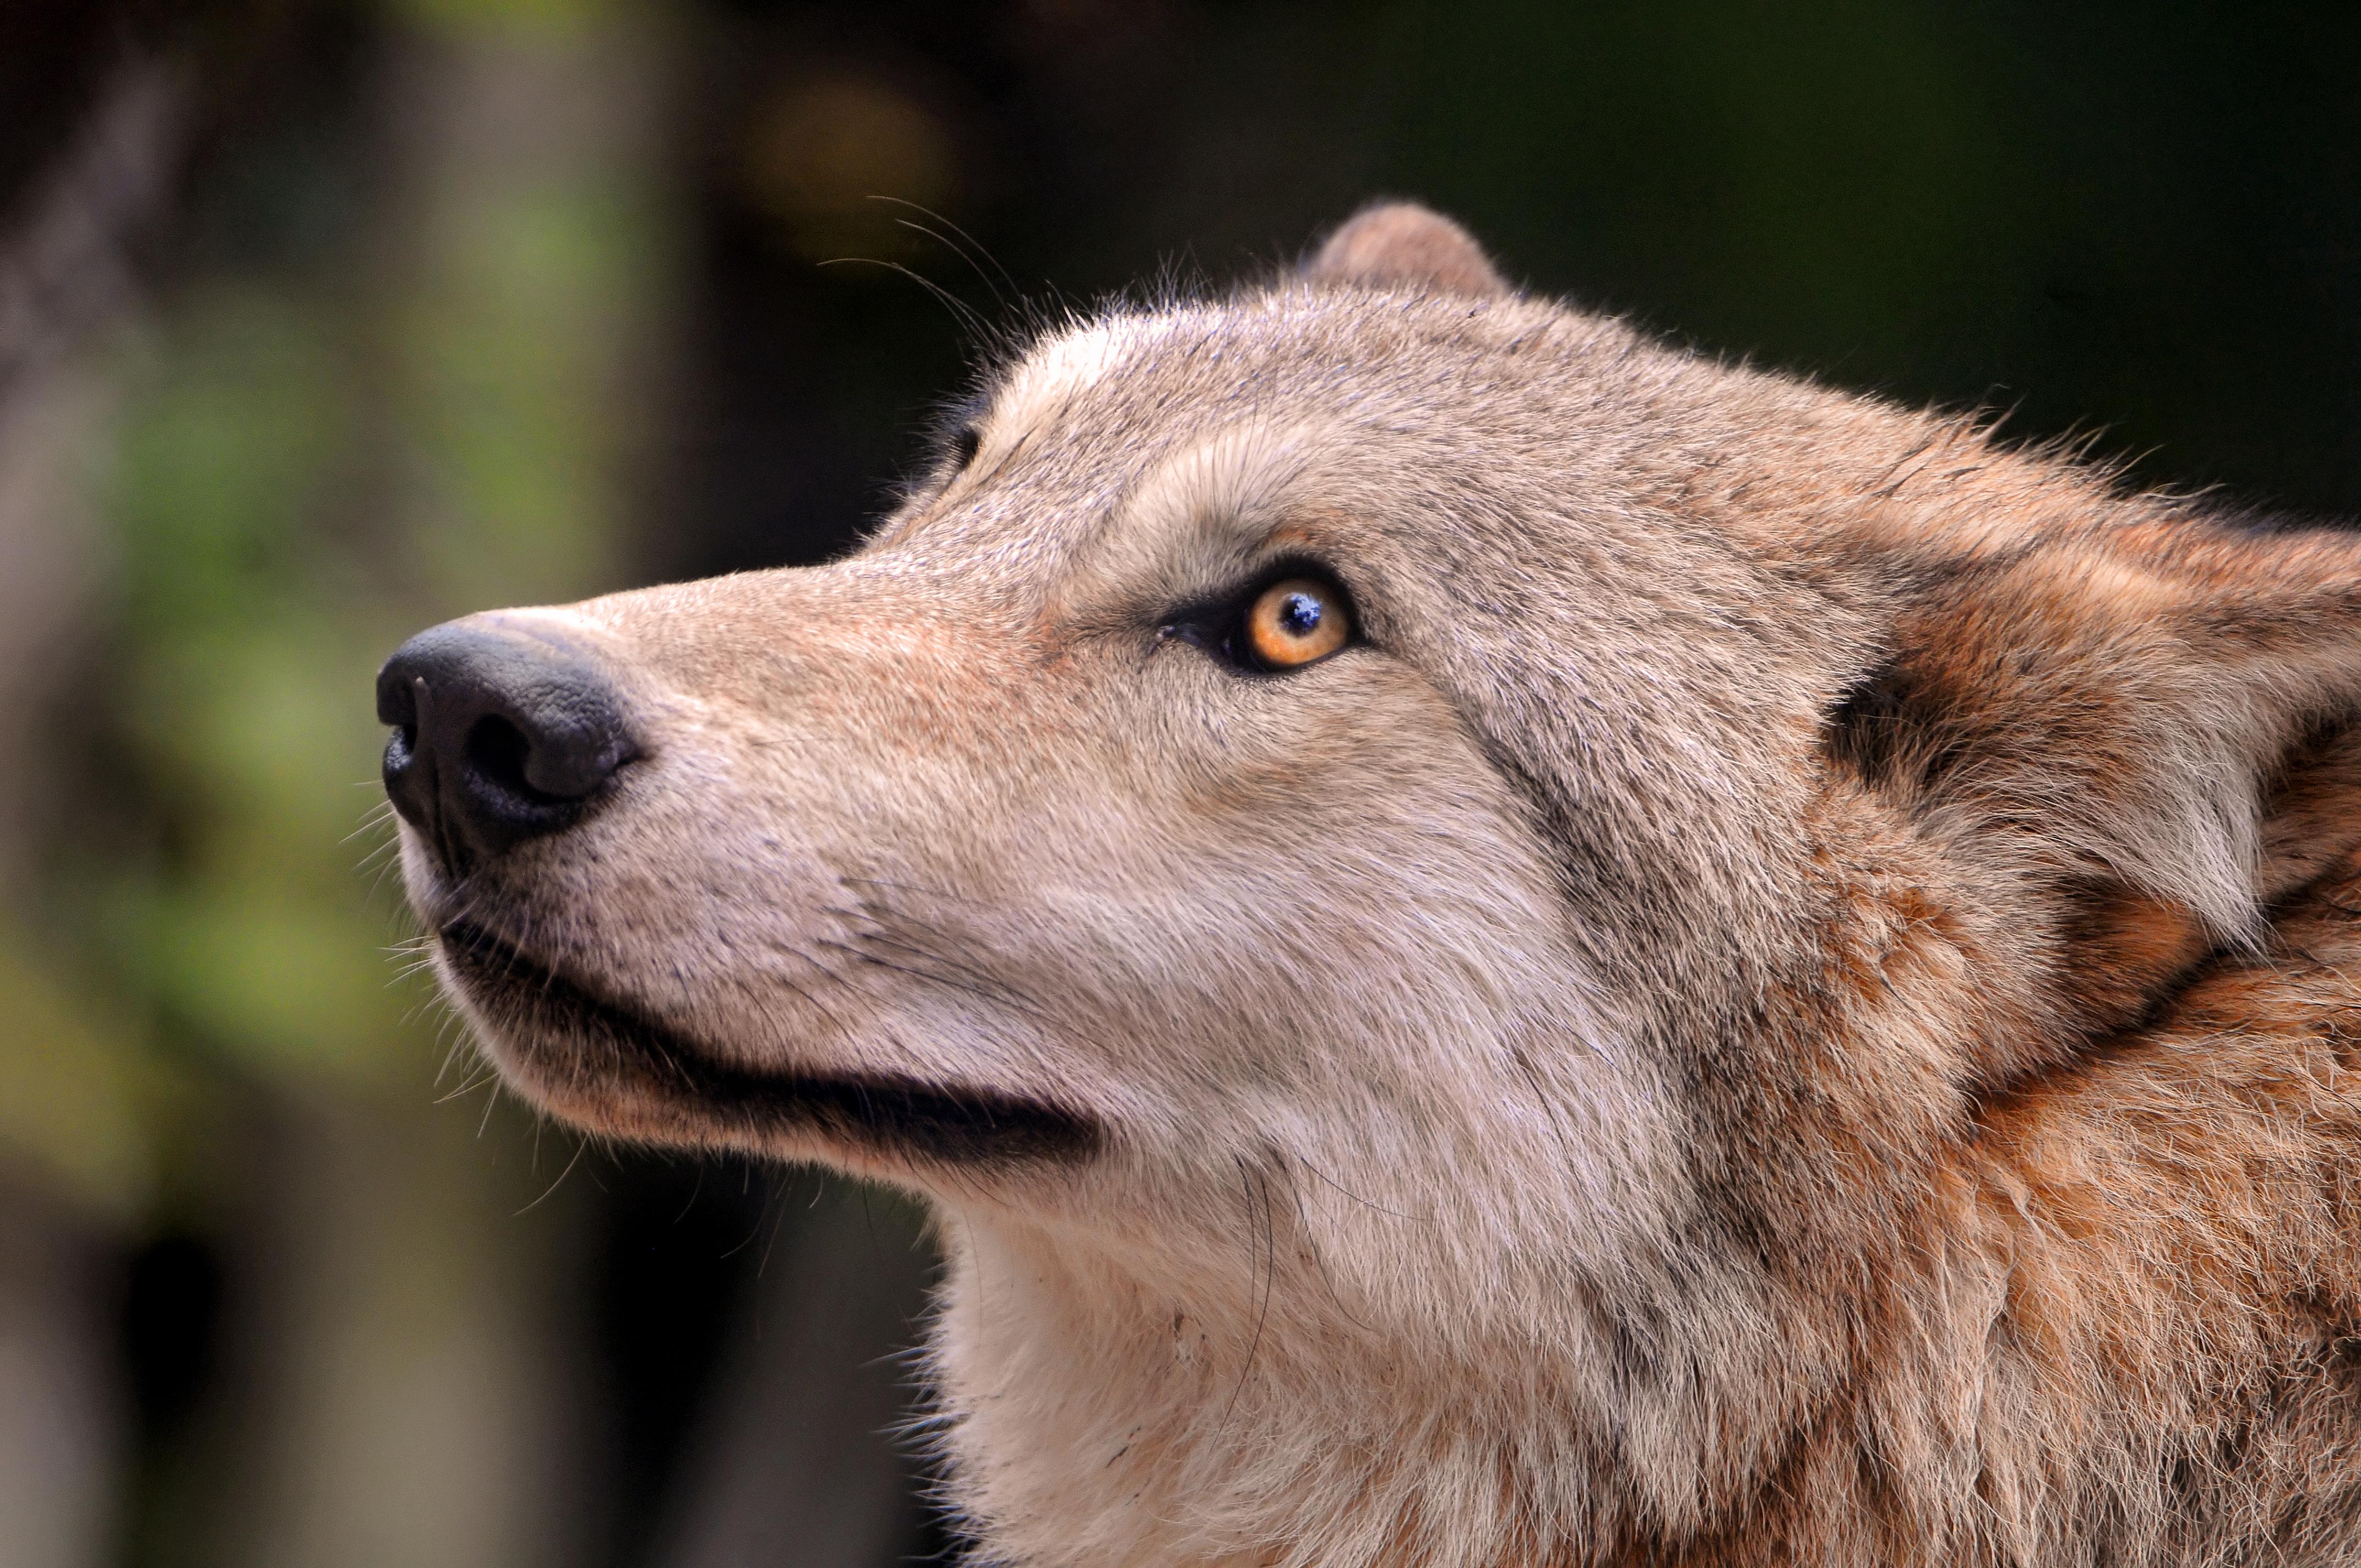 綺麗な瞳の狼の画像